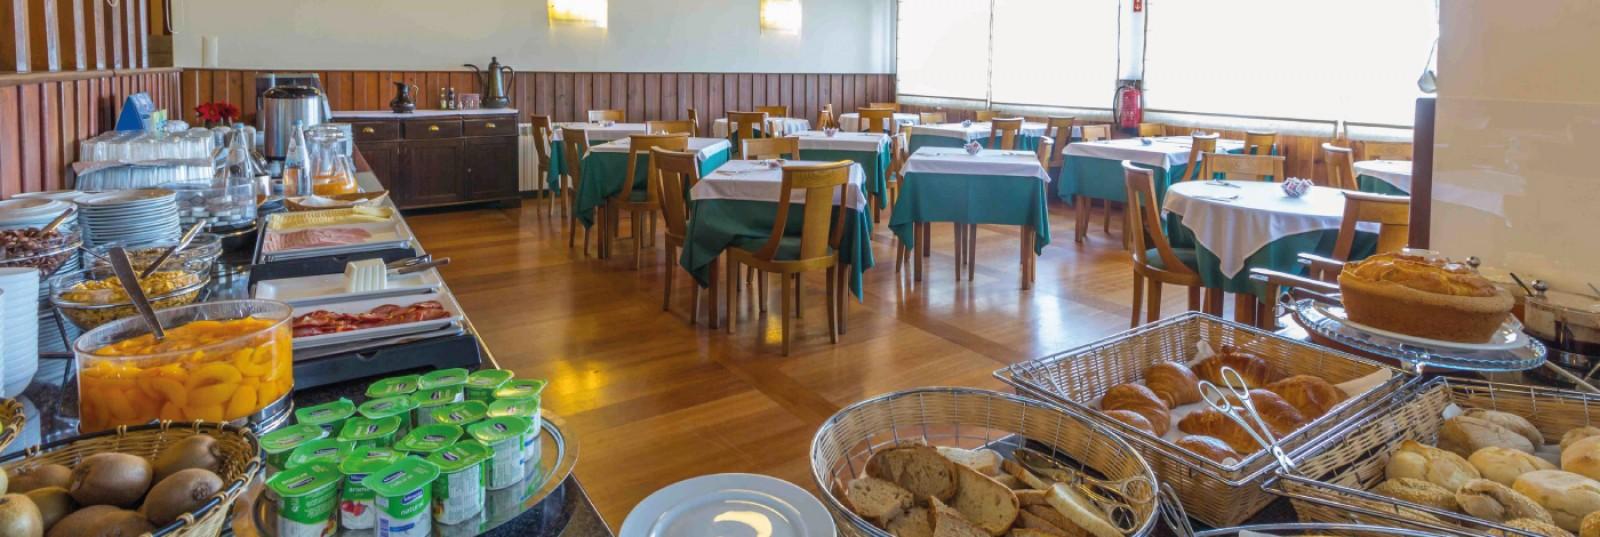 Hotel Eurosol Seia Camelo - pequeno-almoço